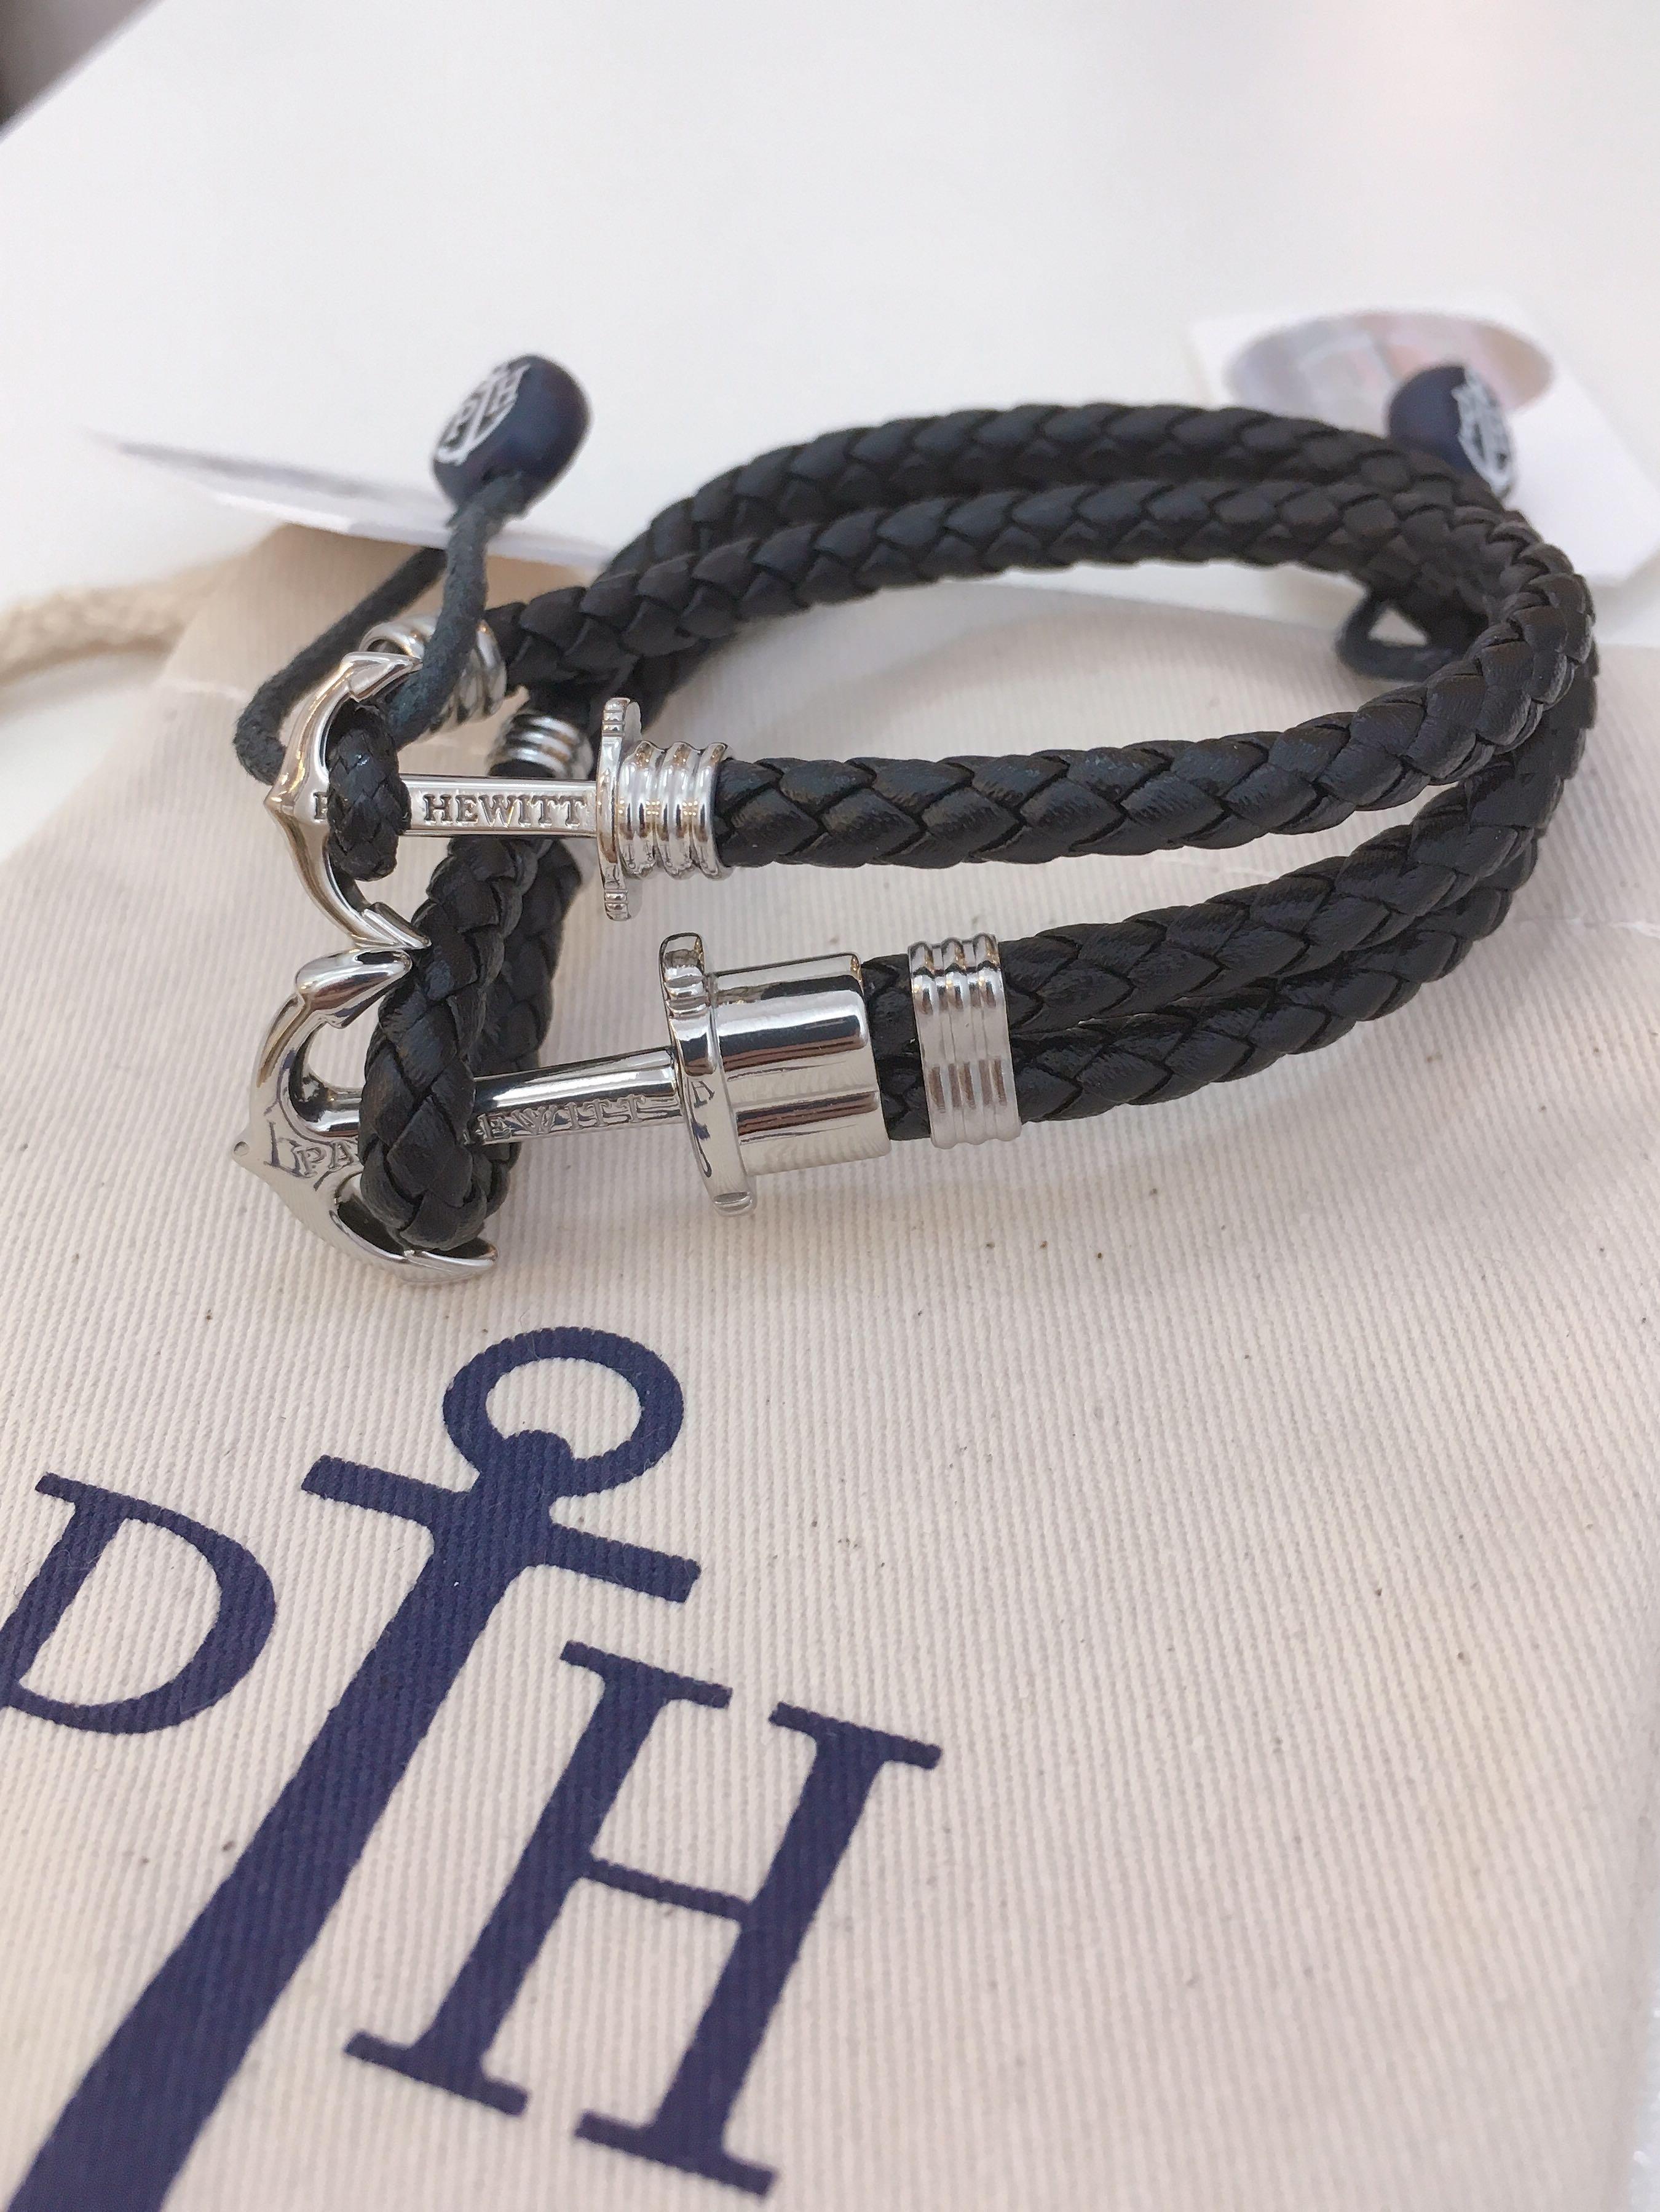 行貨 paul hewitt lite steel black leather bracelet 手繩 情侶手繩 手帶 手環 手縺